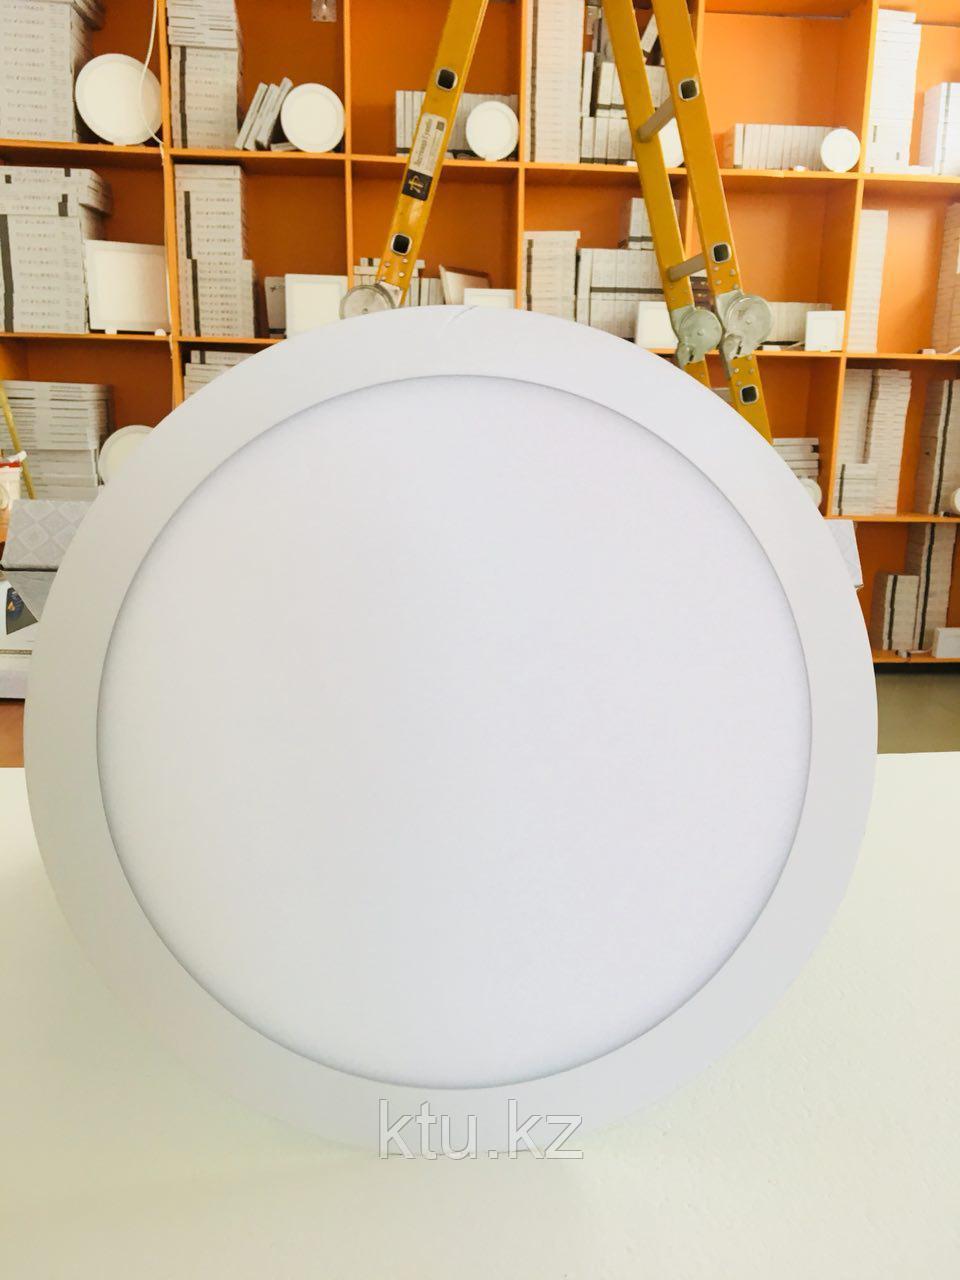 Светильники (споты) для помещениях с небольшими требованиями по акустике JL-Y 15W,внутренний 1год гарантия